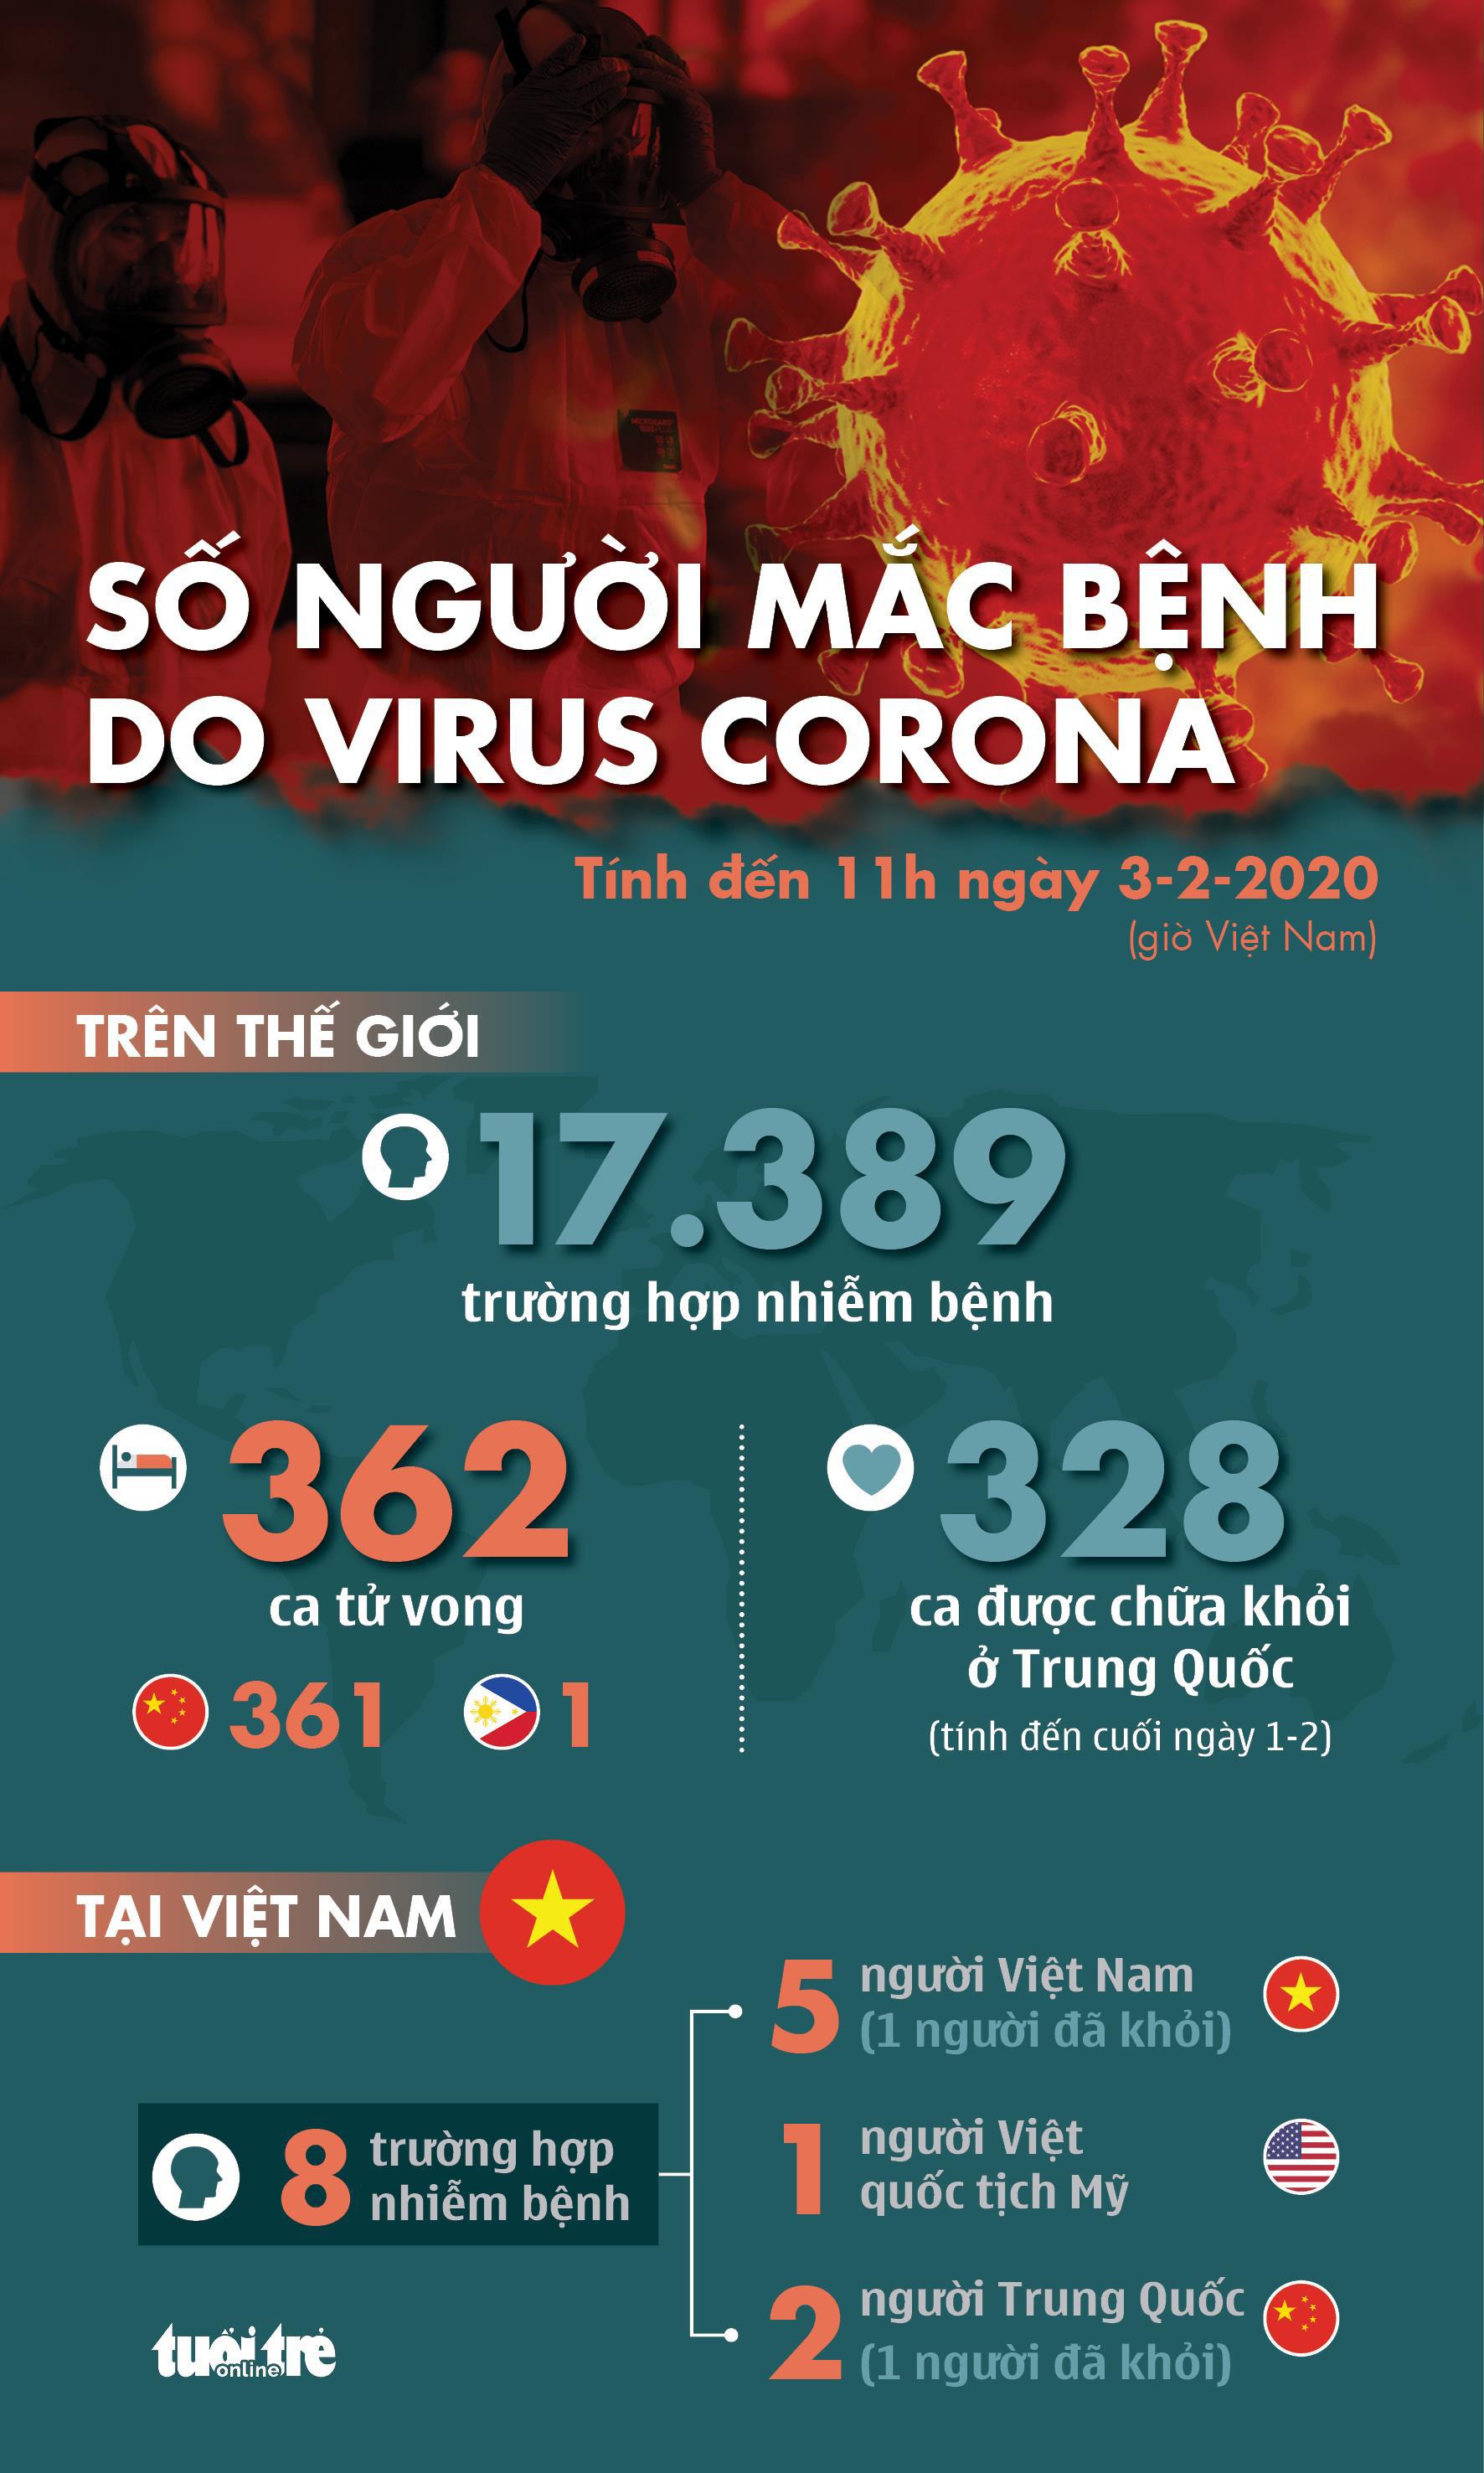 Các biện pháp phòng dịch Corona Virus